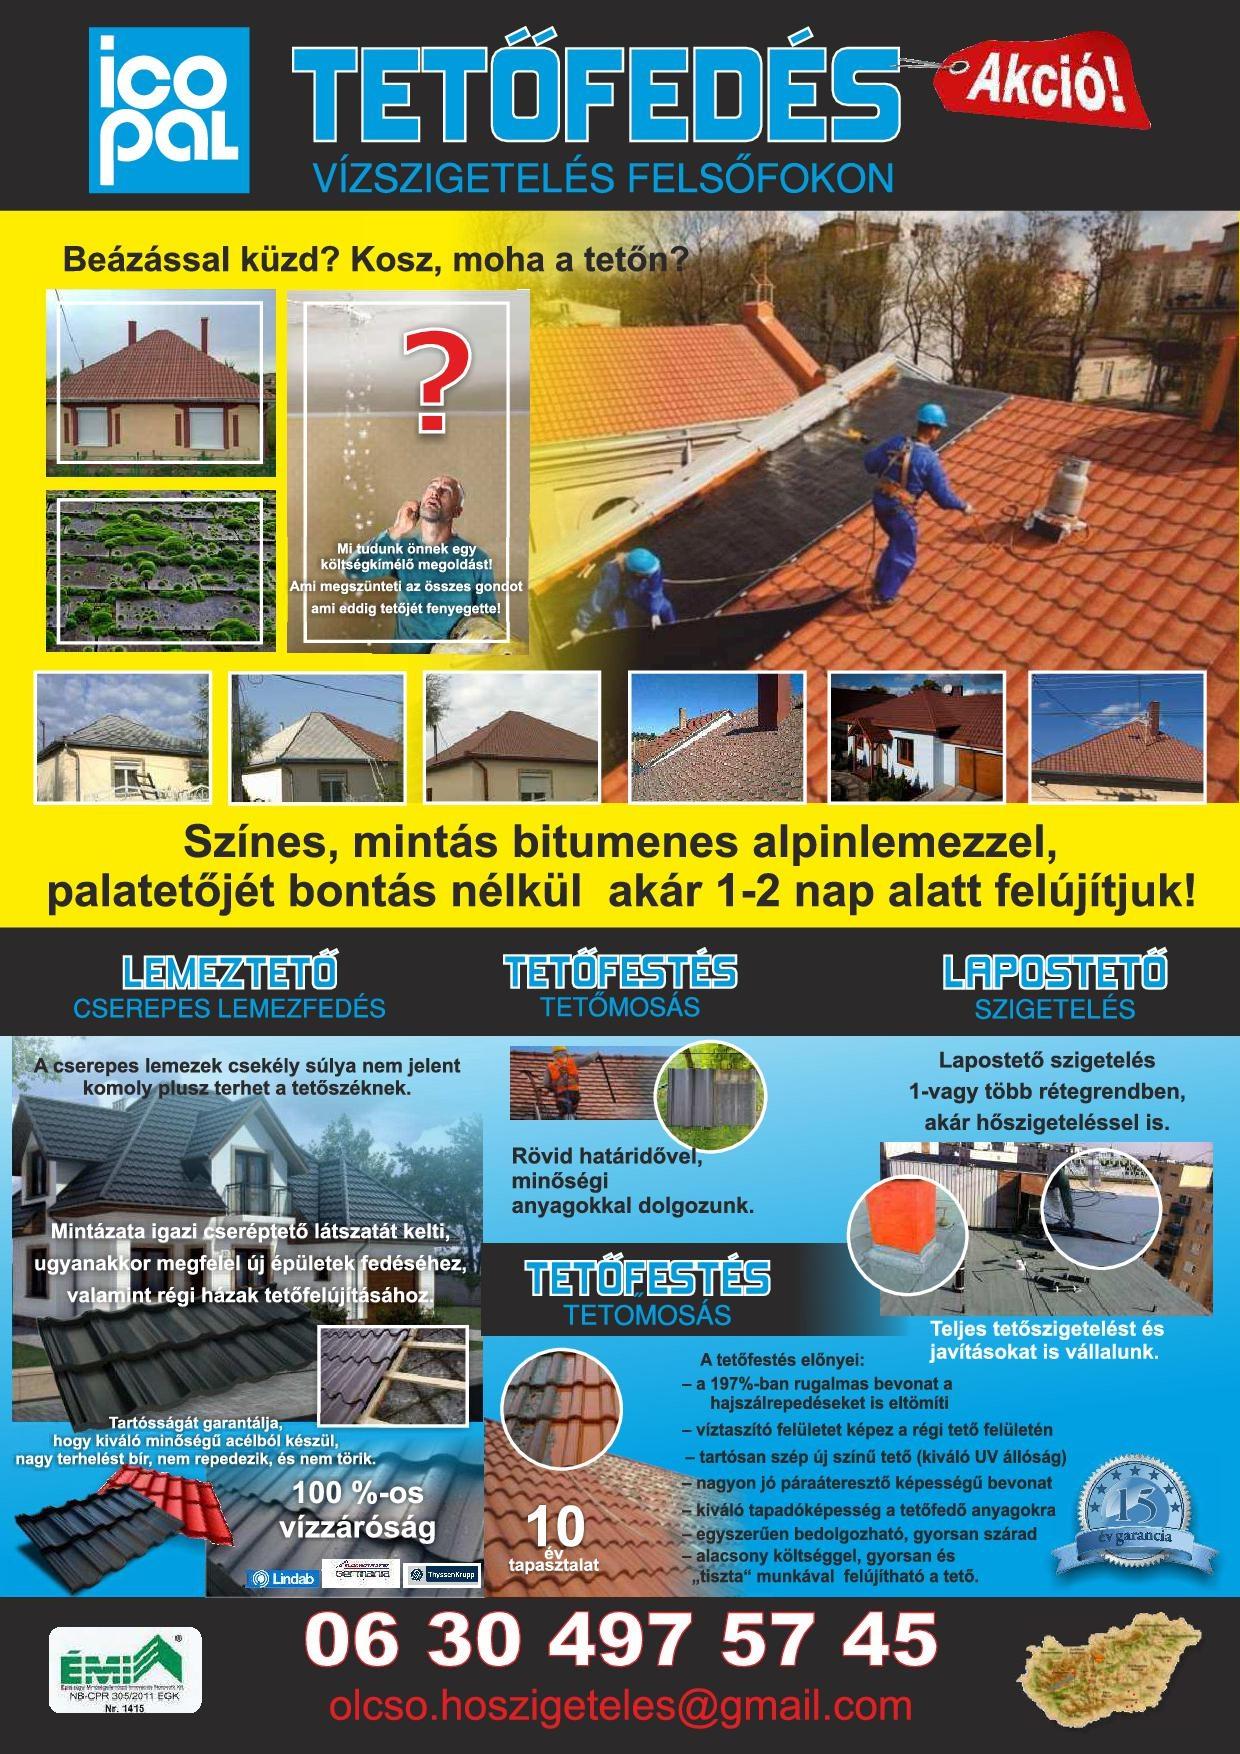 Tetőszigetelés, palatető felújítás